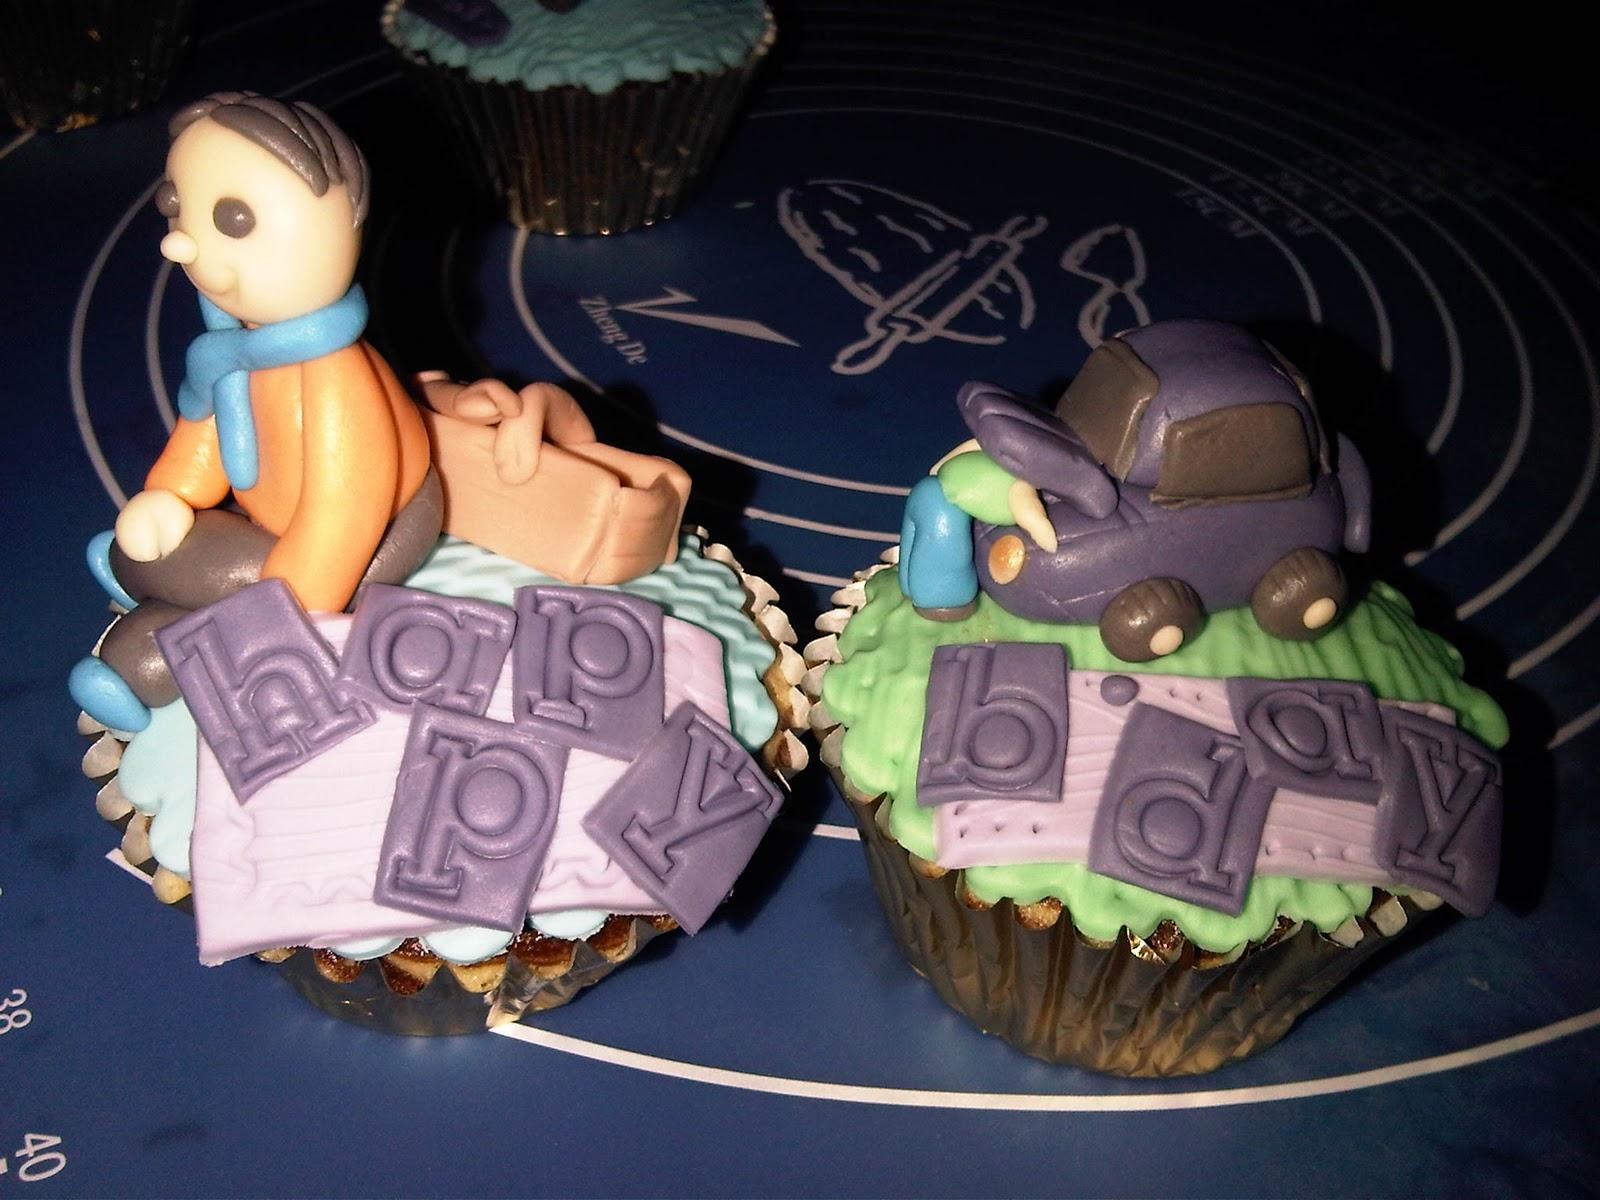 Sike Cupcakes Cupcake Band Set Isi 4 For Birthday 1 Kali Ini Pesenan Mba Dini Rekan Kantor Untuk Ultah Suaminya Biar Surprise Tiap Adalah Hobby Dari Main Drum Gitar Ngoprek Mesin Mobil